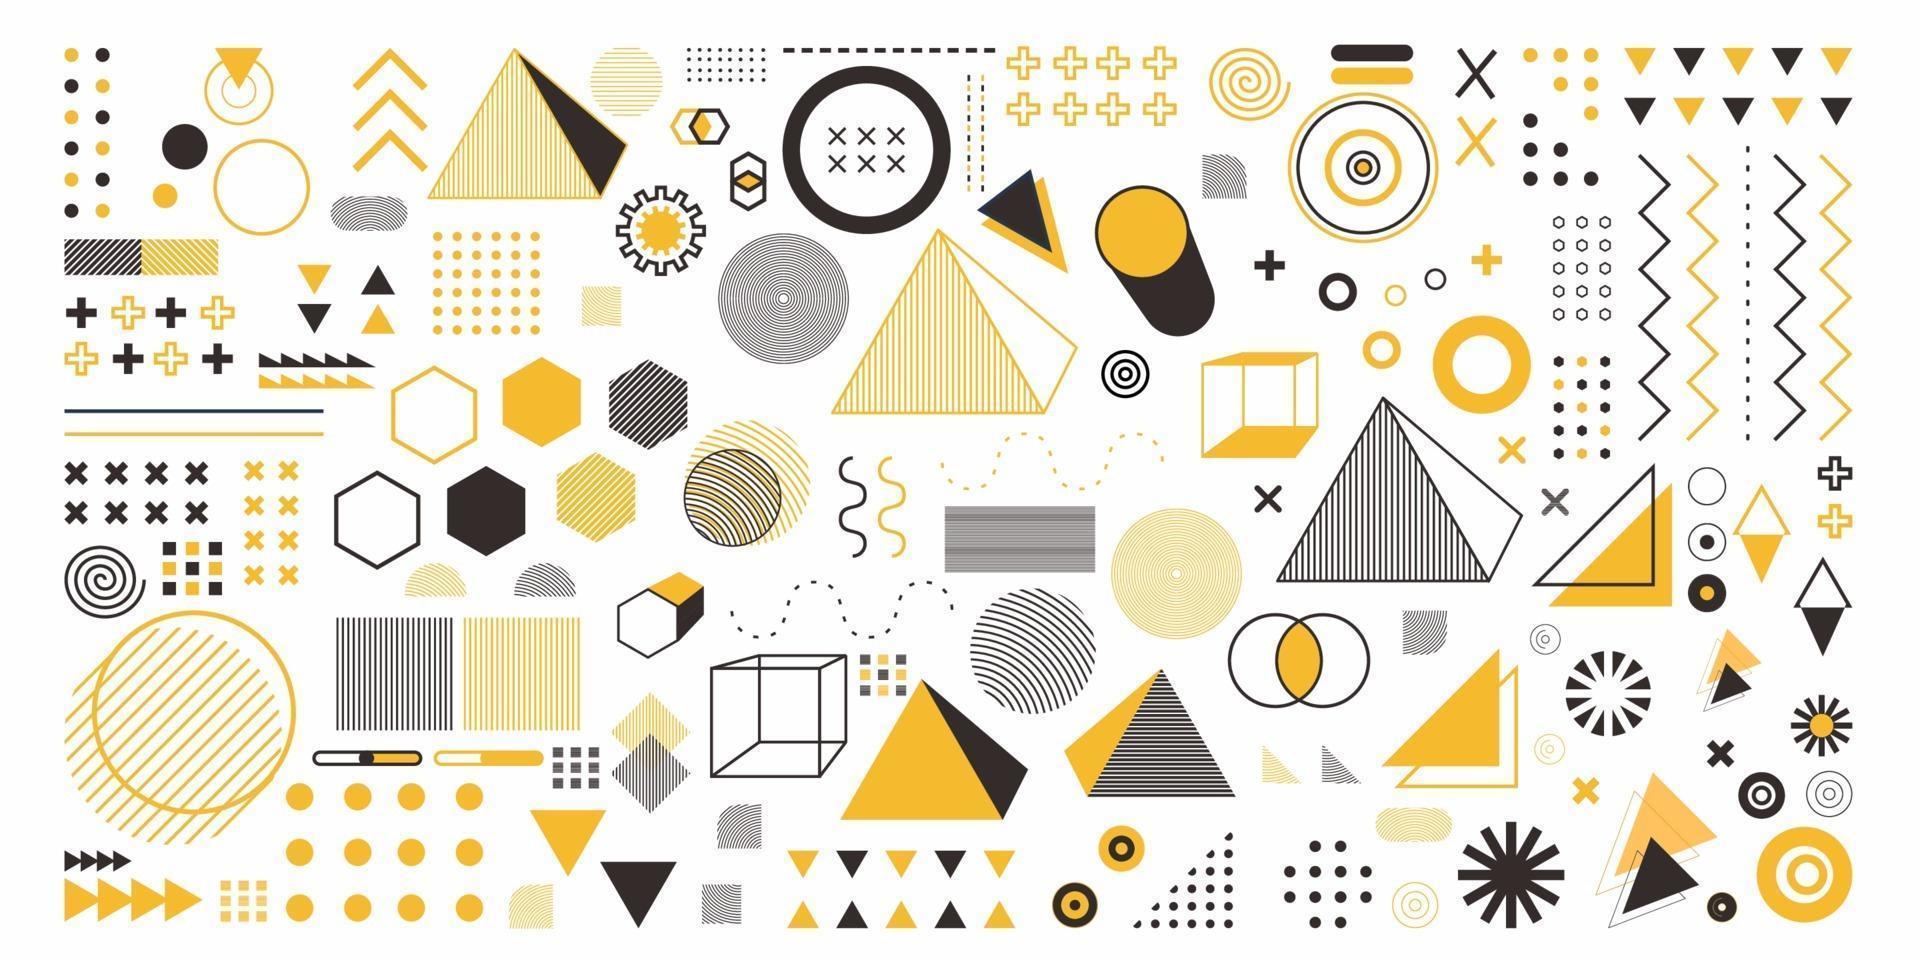 geometria abstrata definir objeto na cor amarela. um pacote de 100 artes de desenho geométrico. design de memphis, elementos retro para web, vintage, anúncio, banner comercial, cartaz, folheto, outdoor, venda vetor